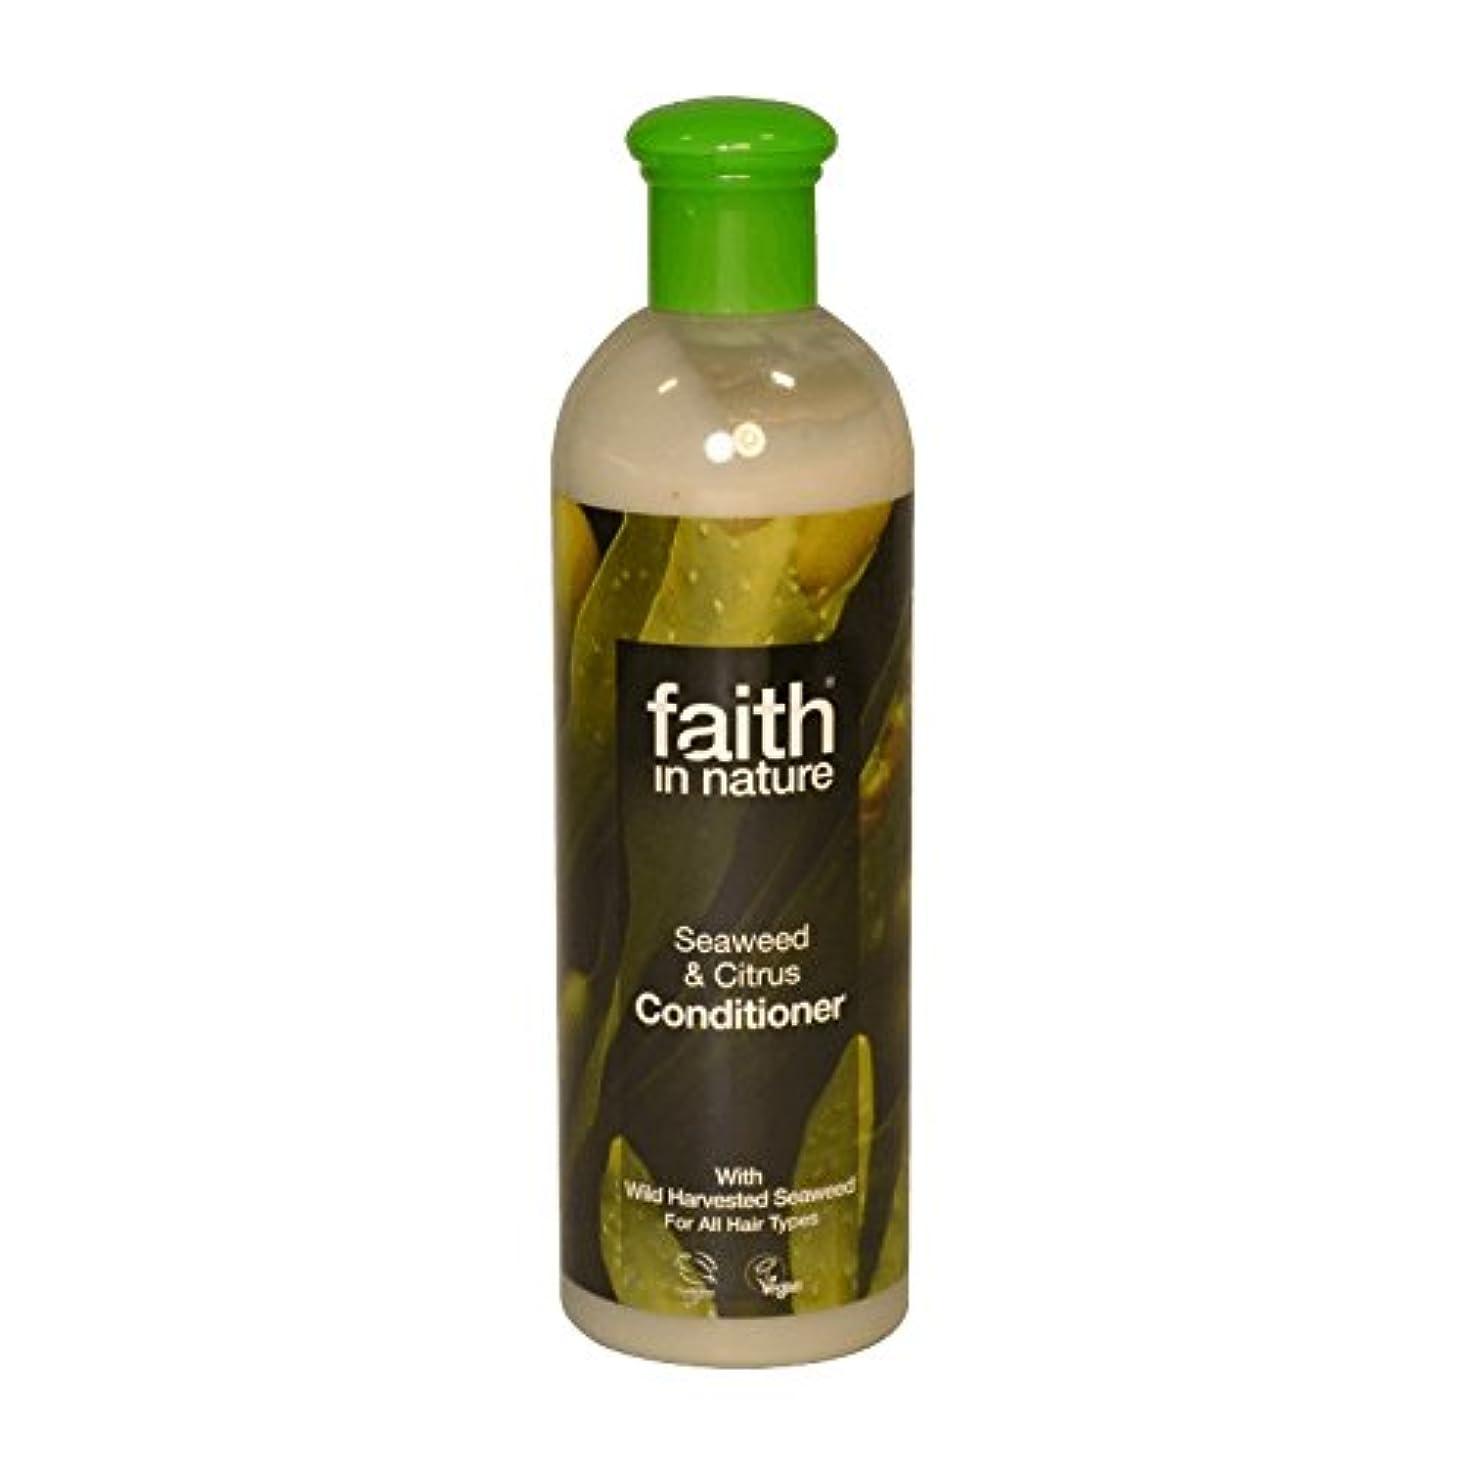 指定こしょう泥棒Faith in Nature Seaweed & Citrus Conditioner 400ml (Pack of 6) - 自然の海藻&シトラスコンディショナー400ミリリットルの信仰 (x6) [並行輸入品]